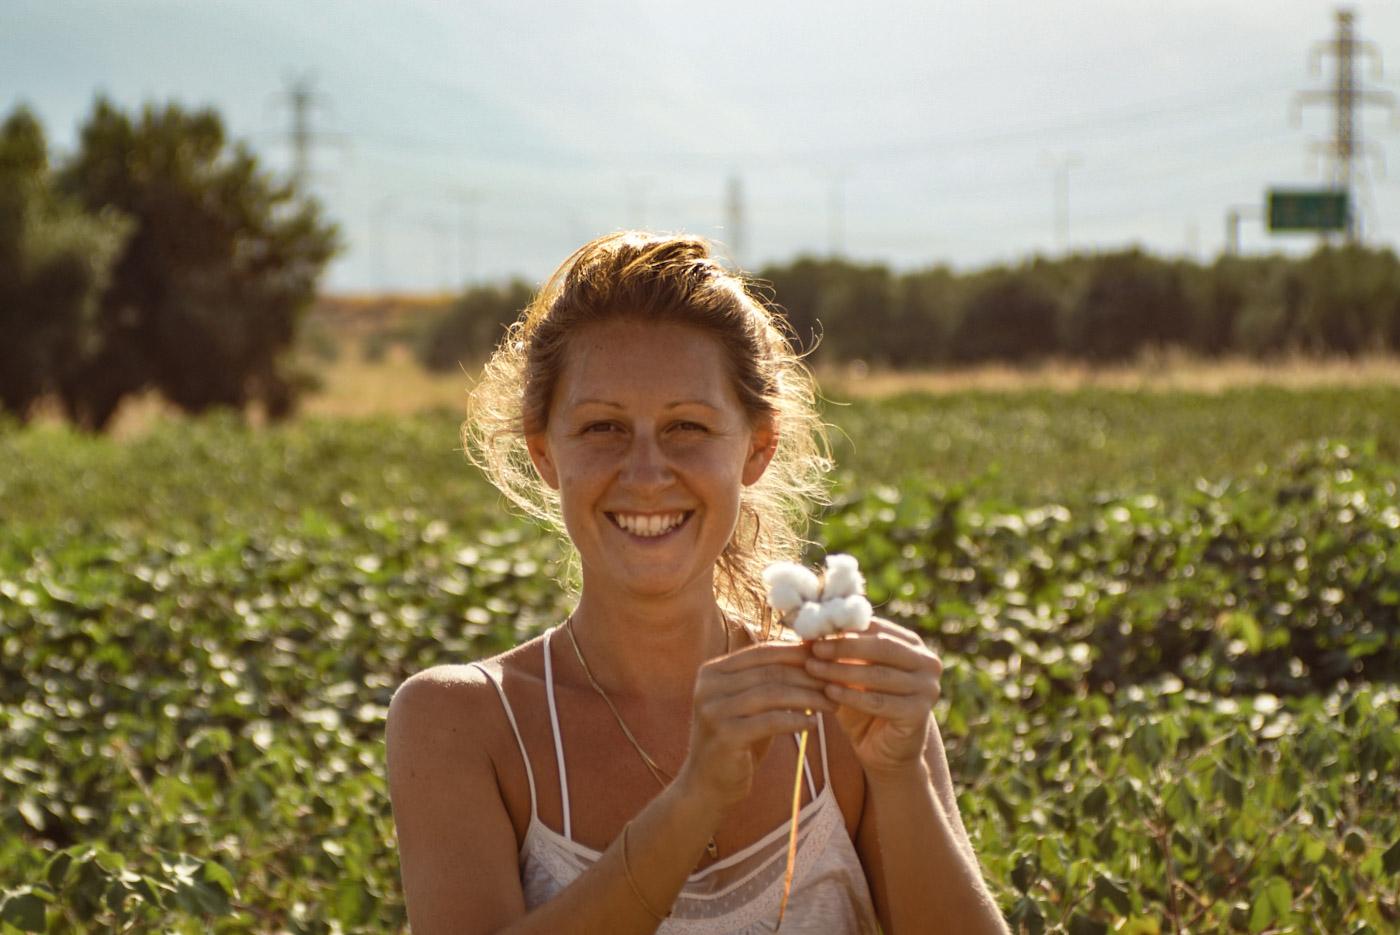 Lea lächelt strahlend in die Kamera und hält ein Stück Baumwolle in die Höhe hinter ihr ist das Feld zu erkennen wo sie die Baumwolle gepflückt hat